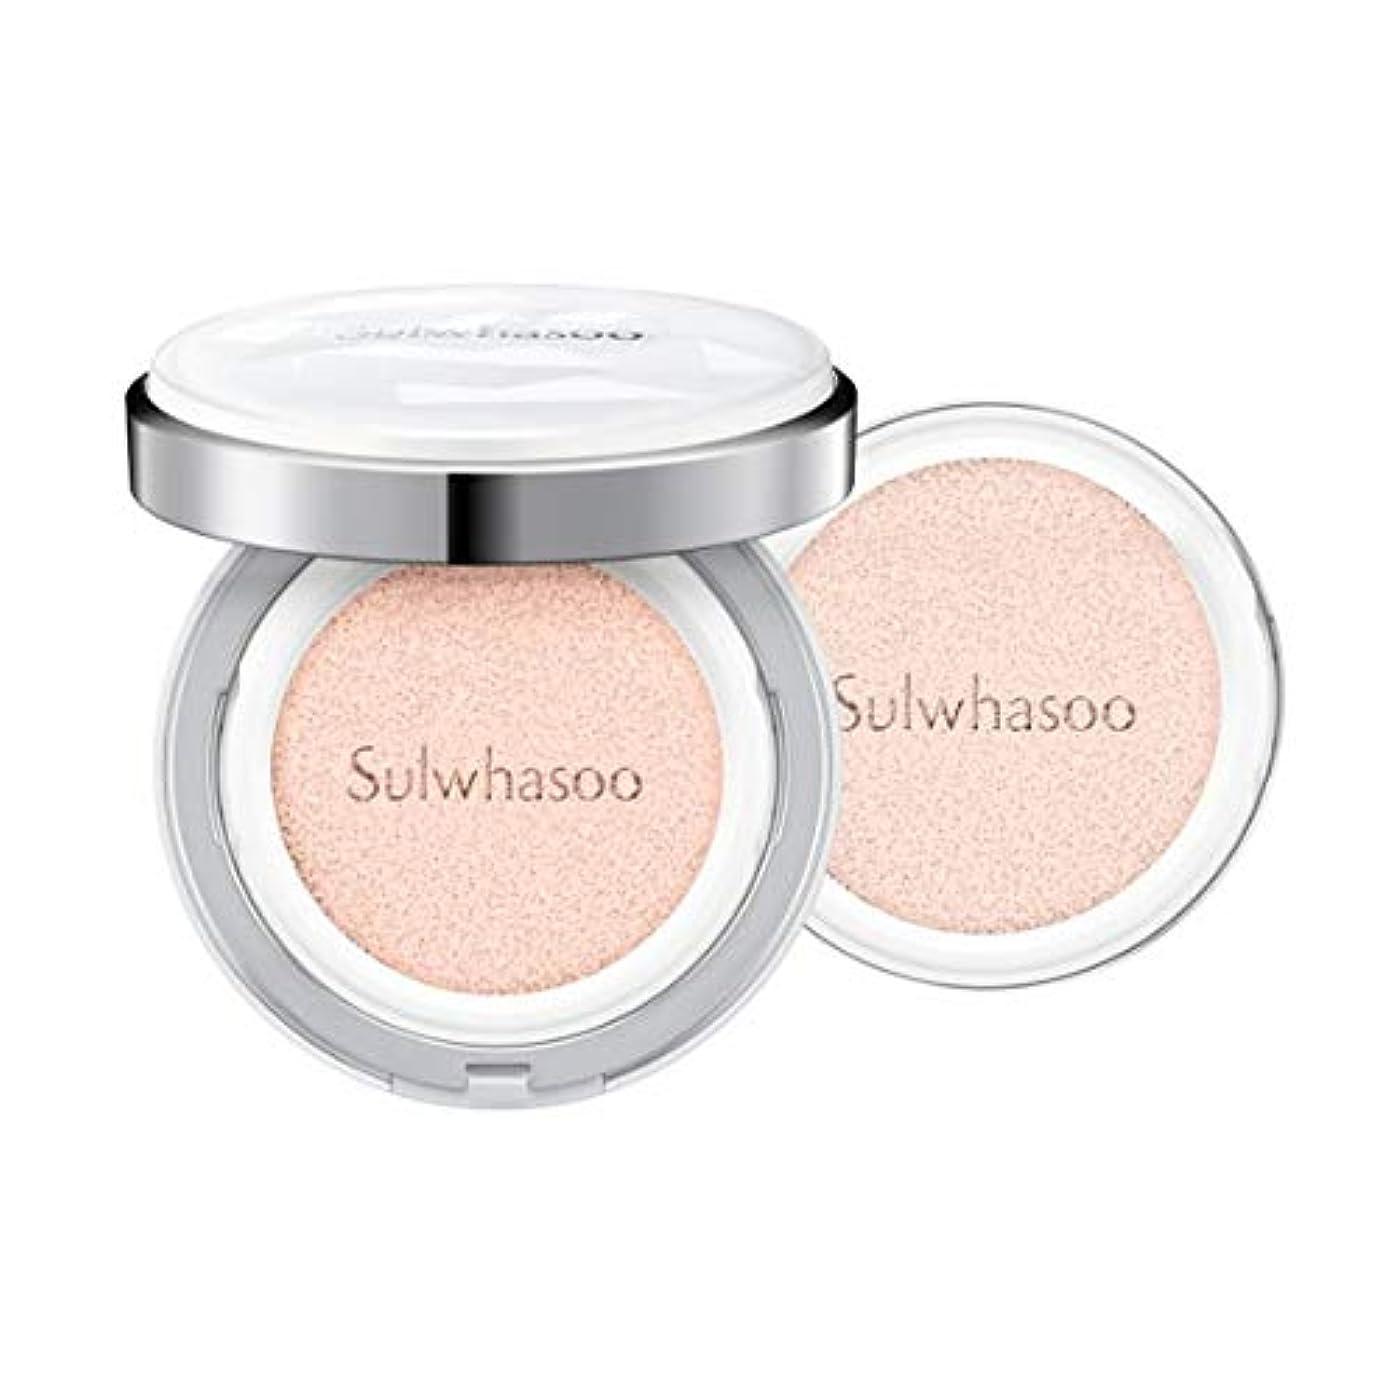 染色メキシコ大通り[Sulwhasoo]雪花秀(ソルファス)滋晶(ジャジョン)ブライトニングクッション #21ナチュラルピンク SPF50+/PA+++ Snowise Brightening Cushion 21 Natural Pink